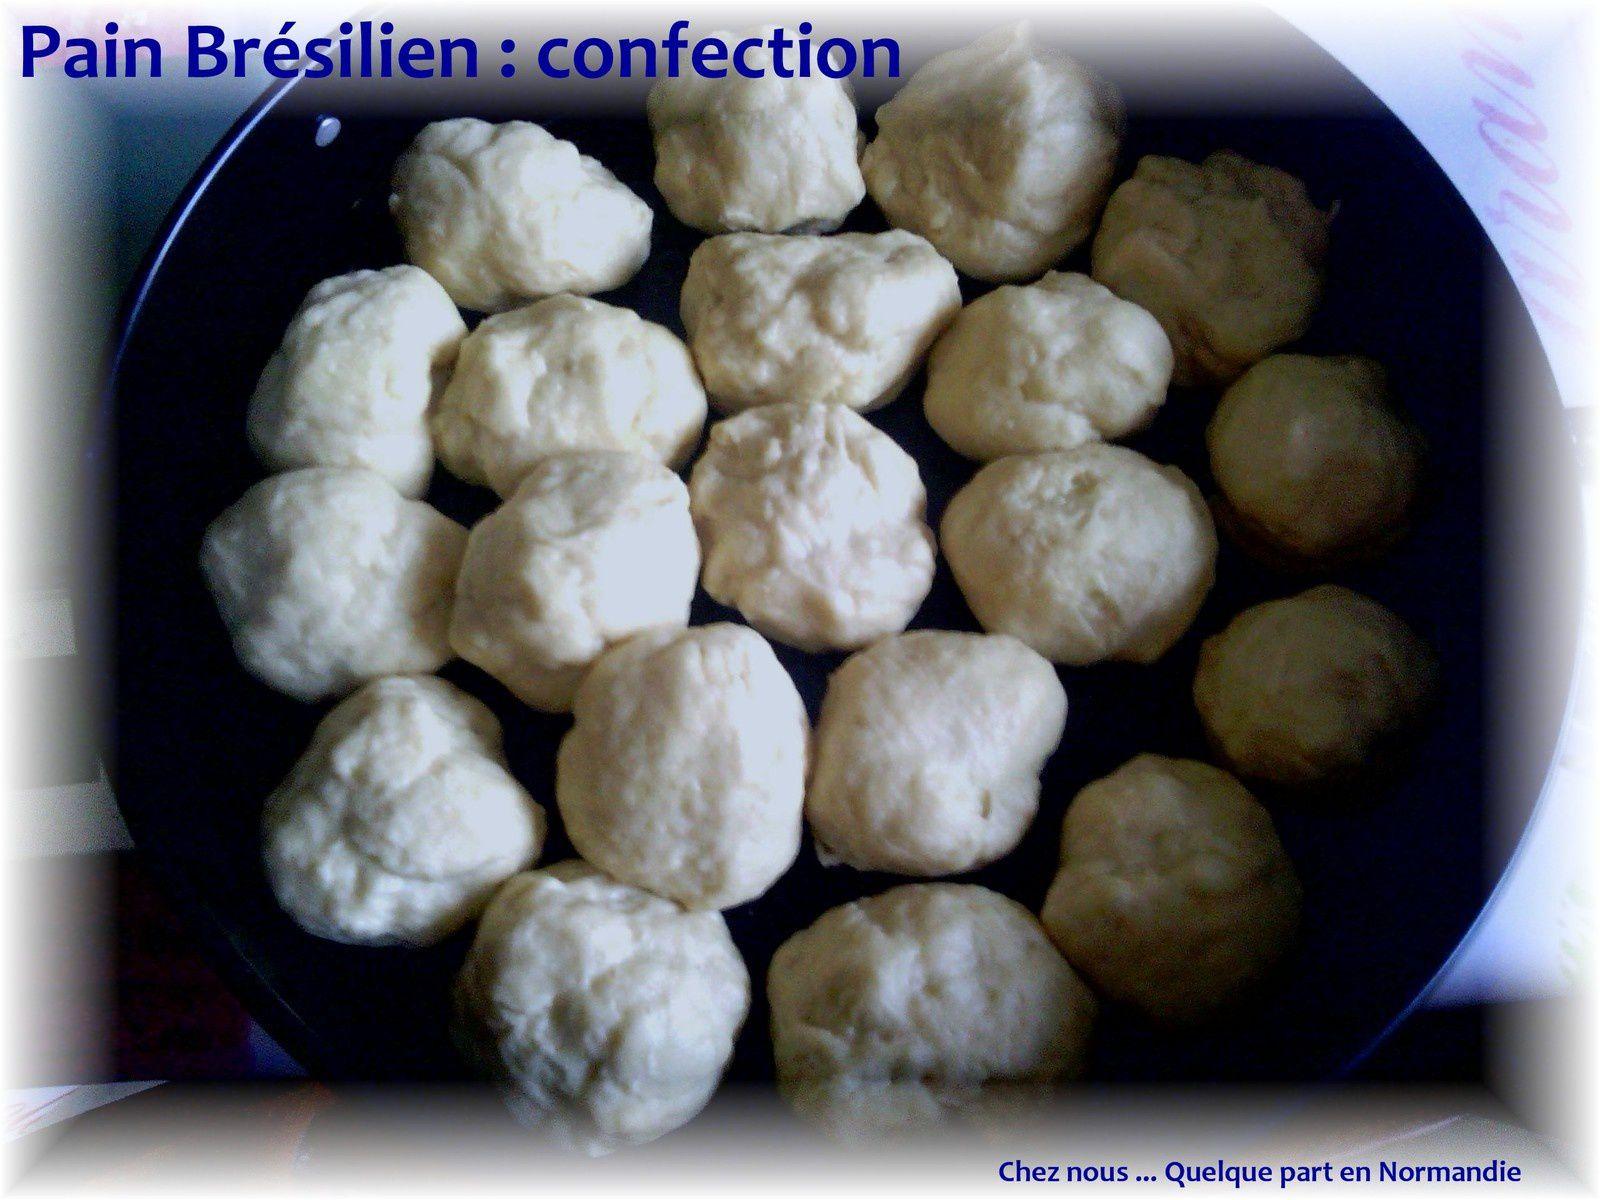 Le brésil dans la cuisine  : Pain brésilien